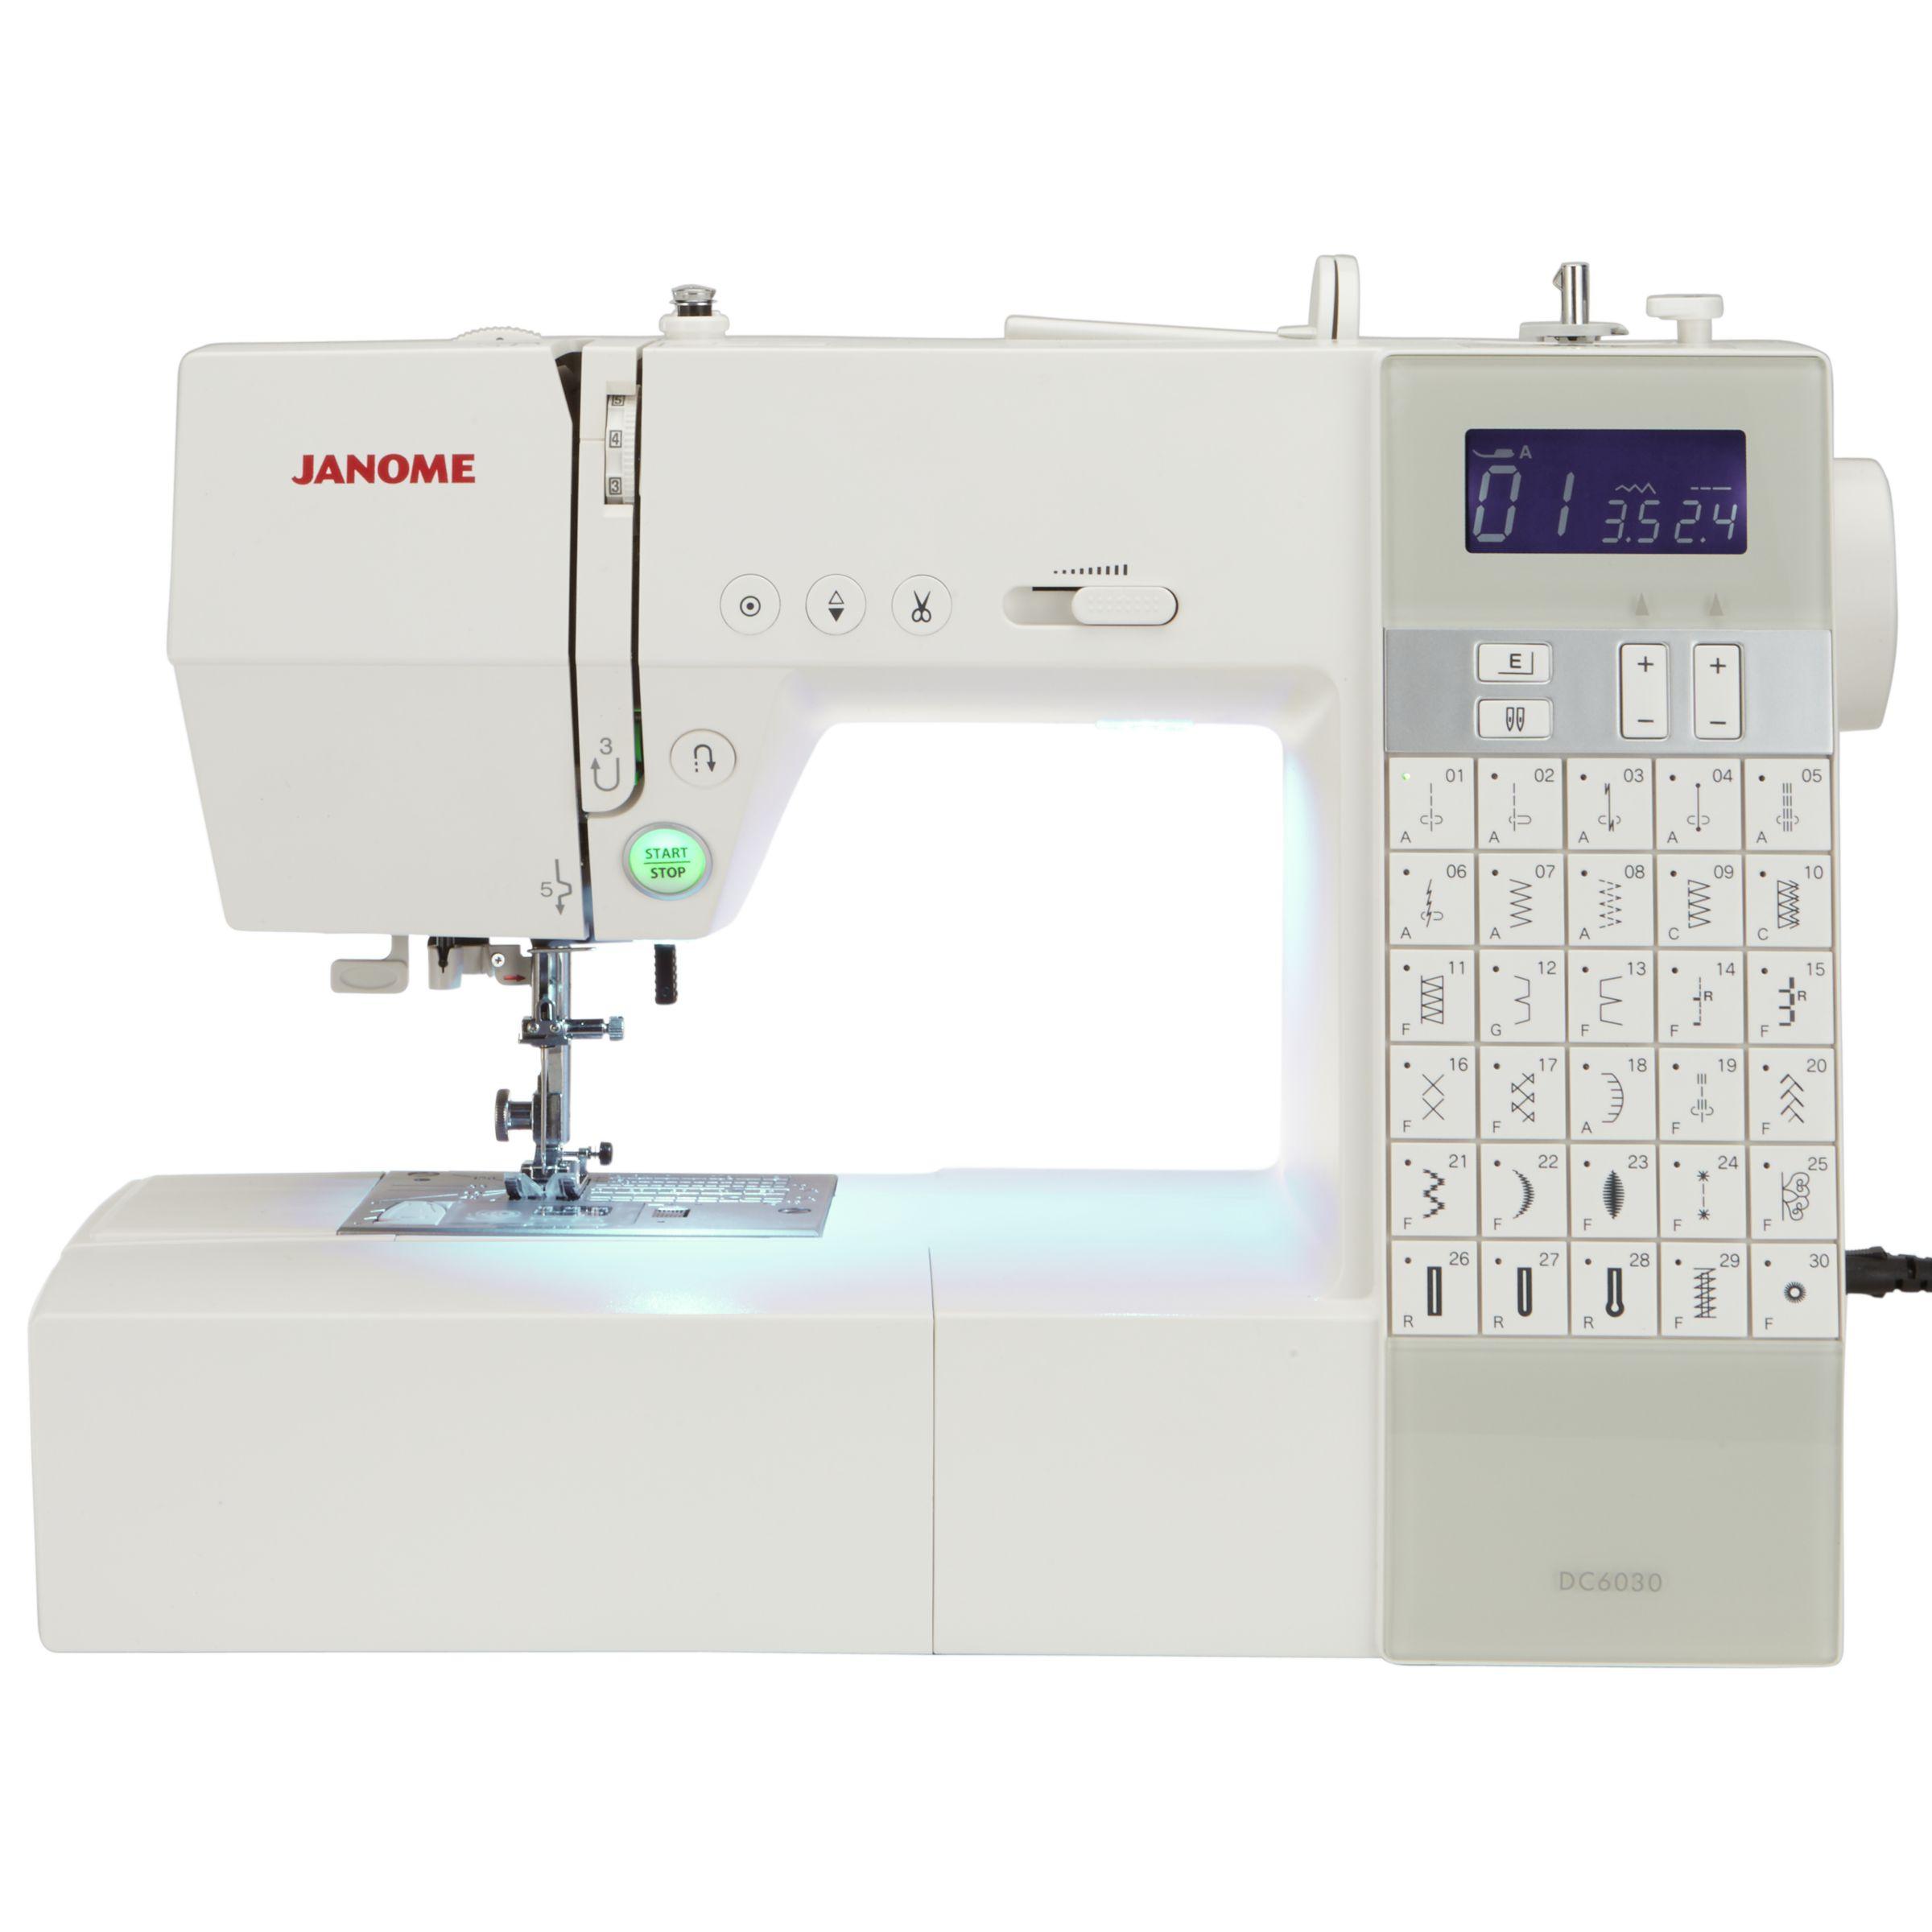 Janome Janome DC6030 Sewing Machine